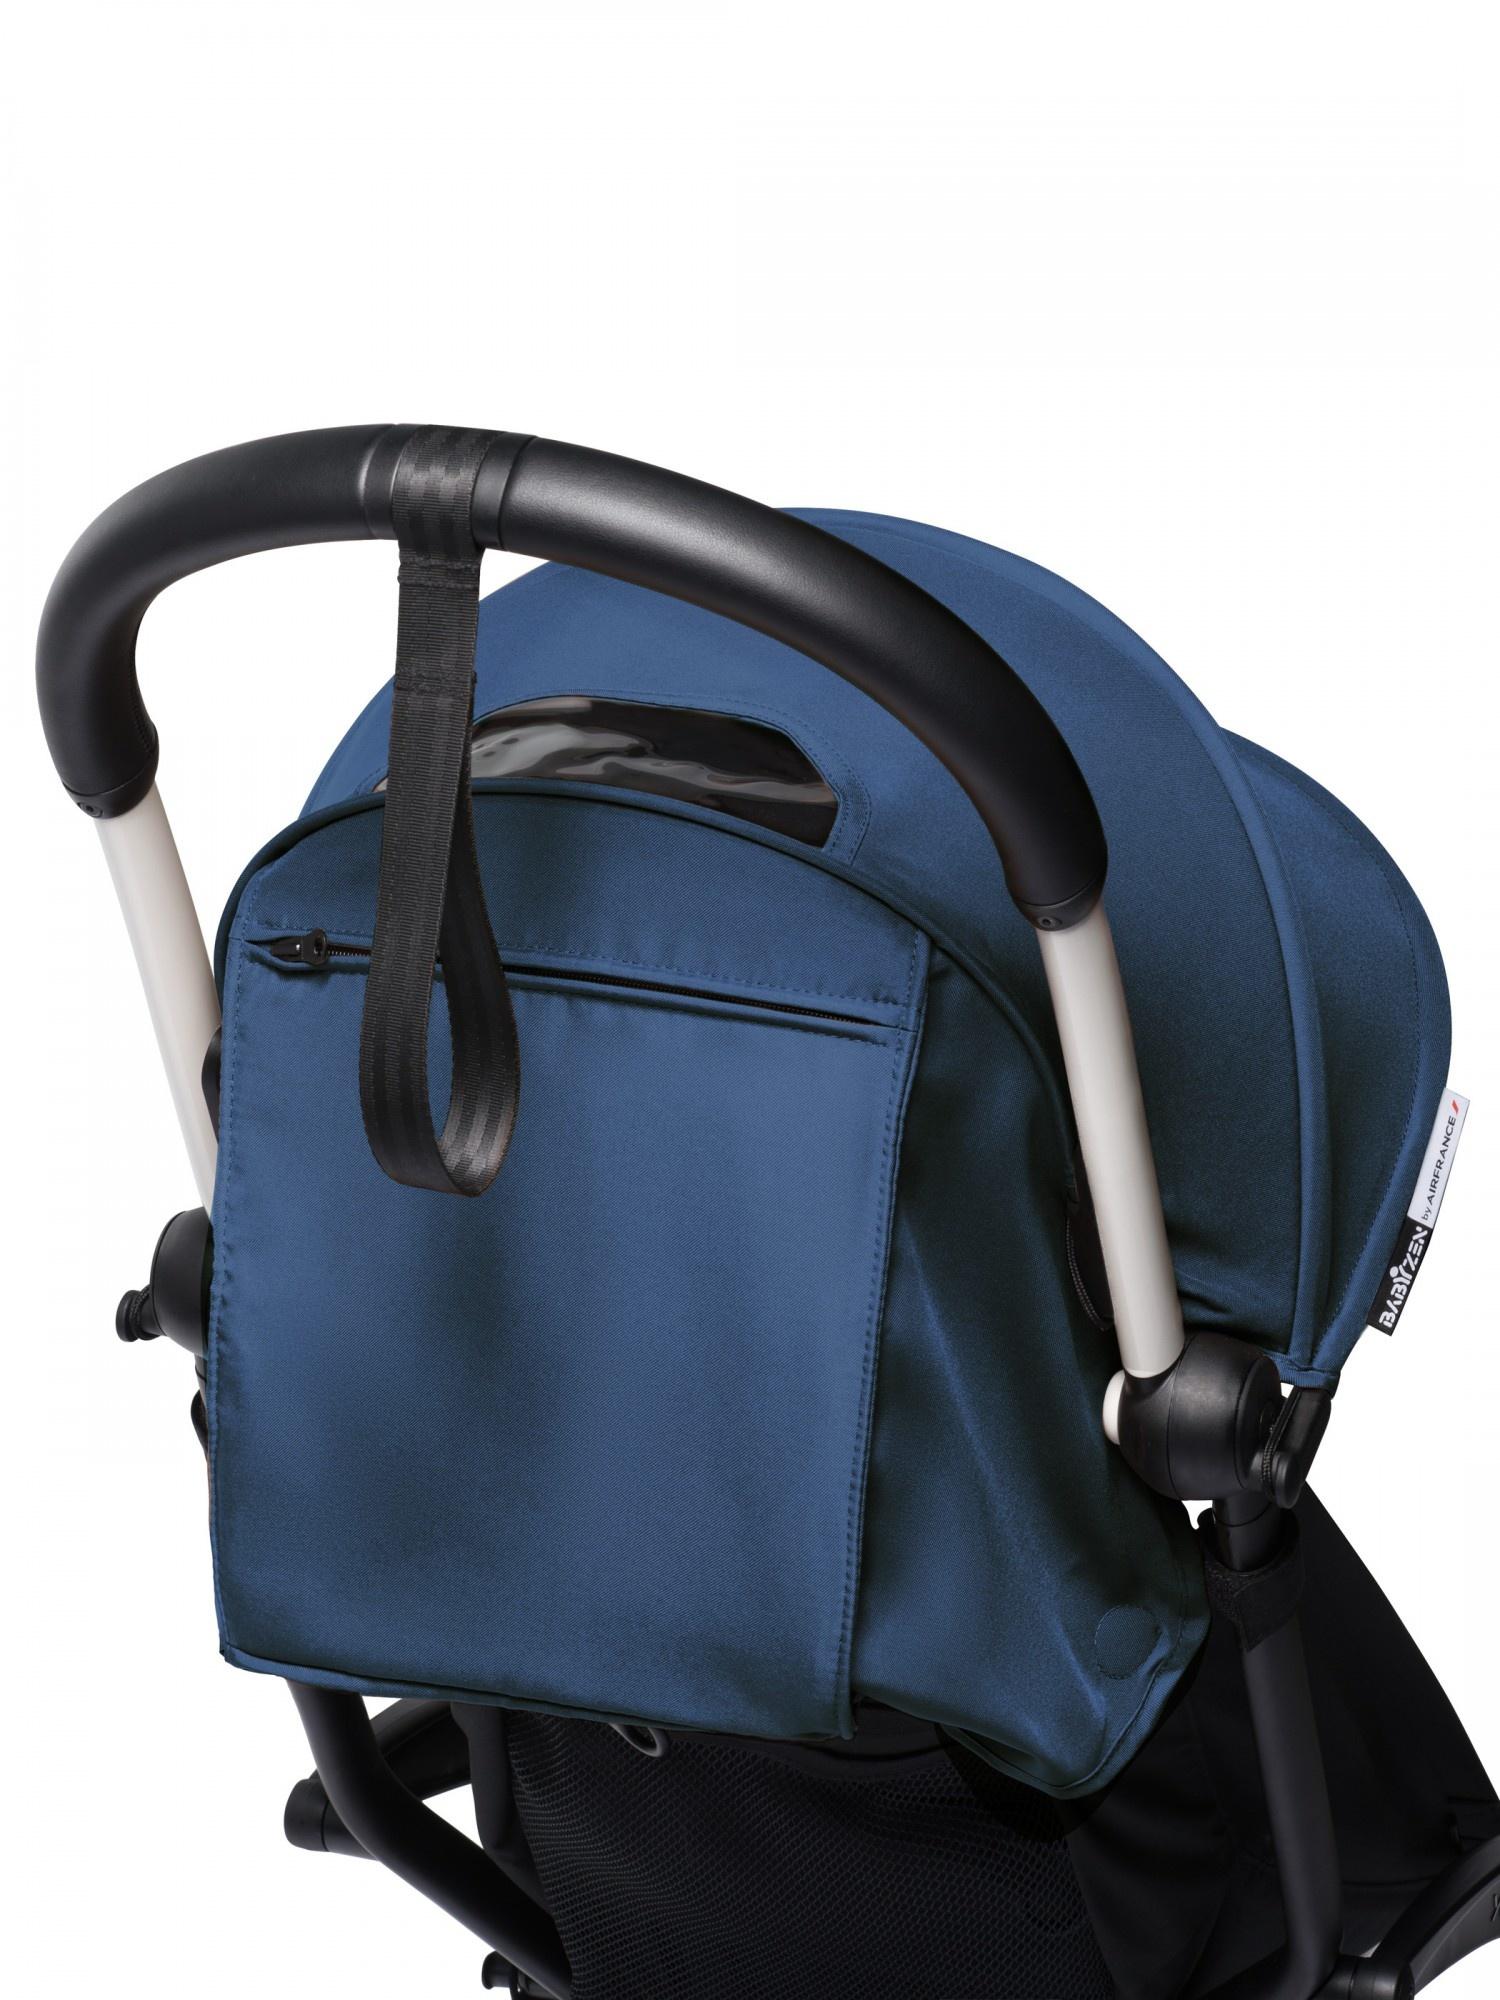 Babyzen Babyzen YOYO² Buggy VOLLSTÄNDIG von Geburt an und inklusive YOYO Bag - AirFrance mit weißem Rahmen